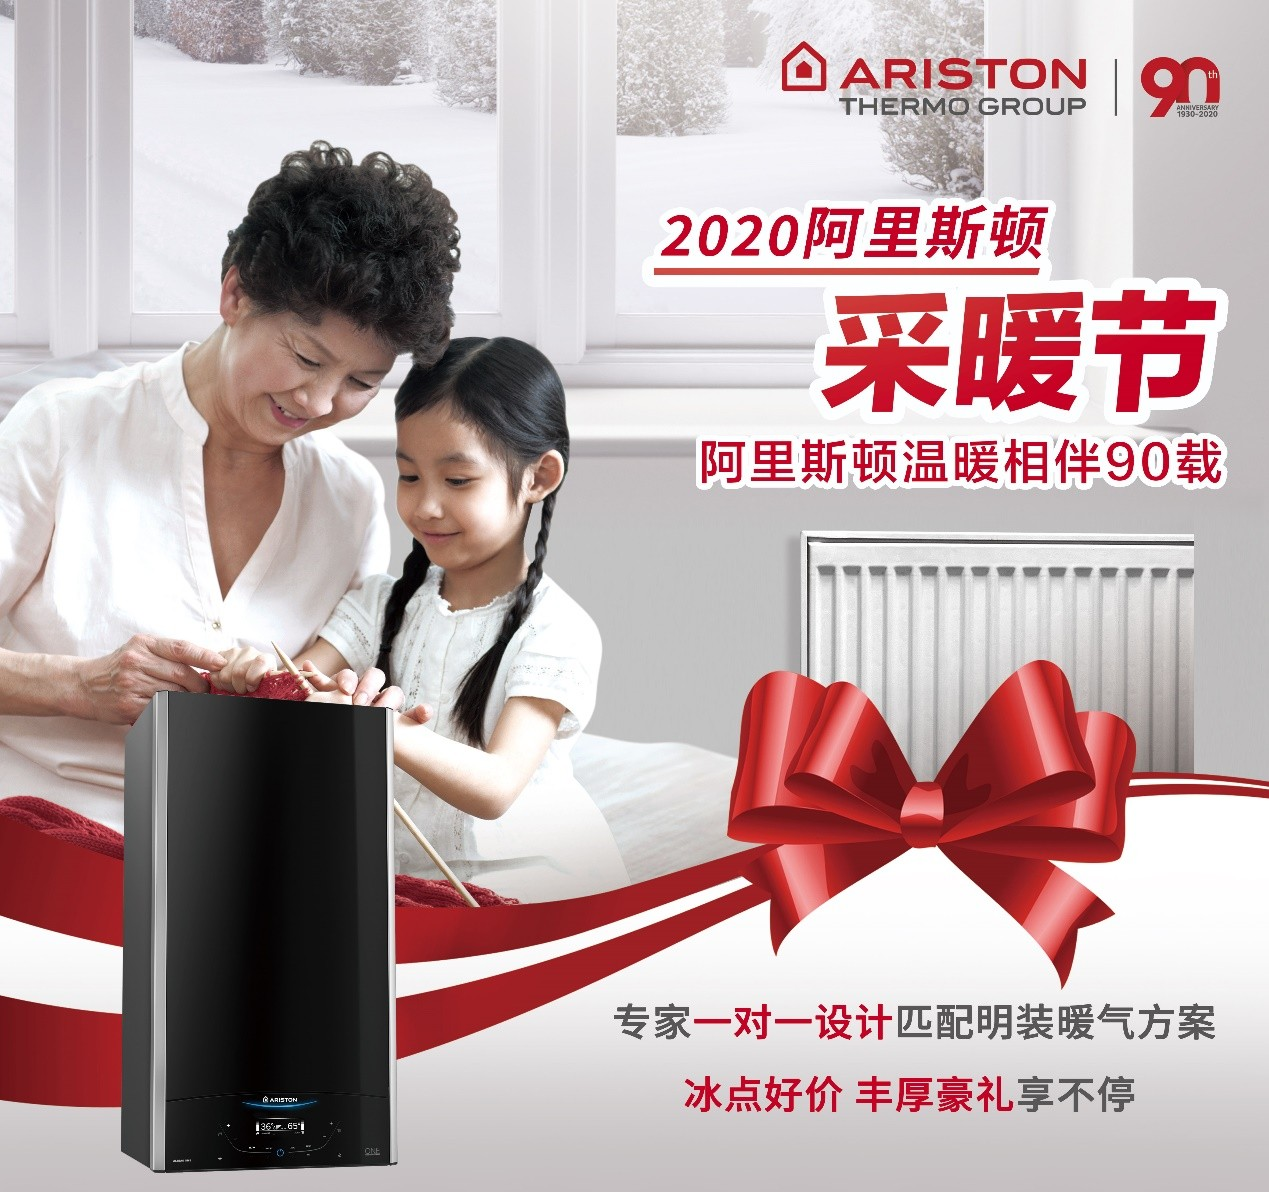 阿里斯顿温暖90年暨2020采暖节,从产品到安装打造温暖居家优体验